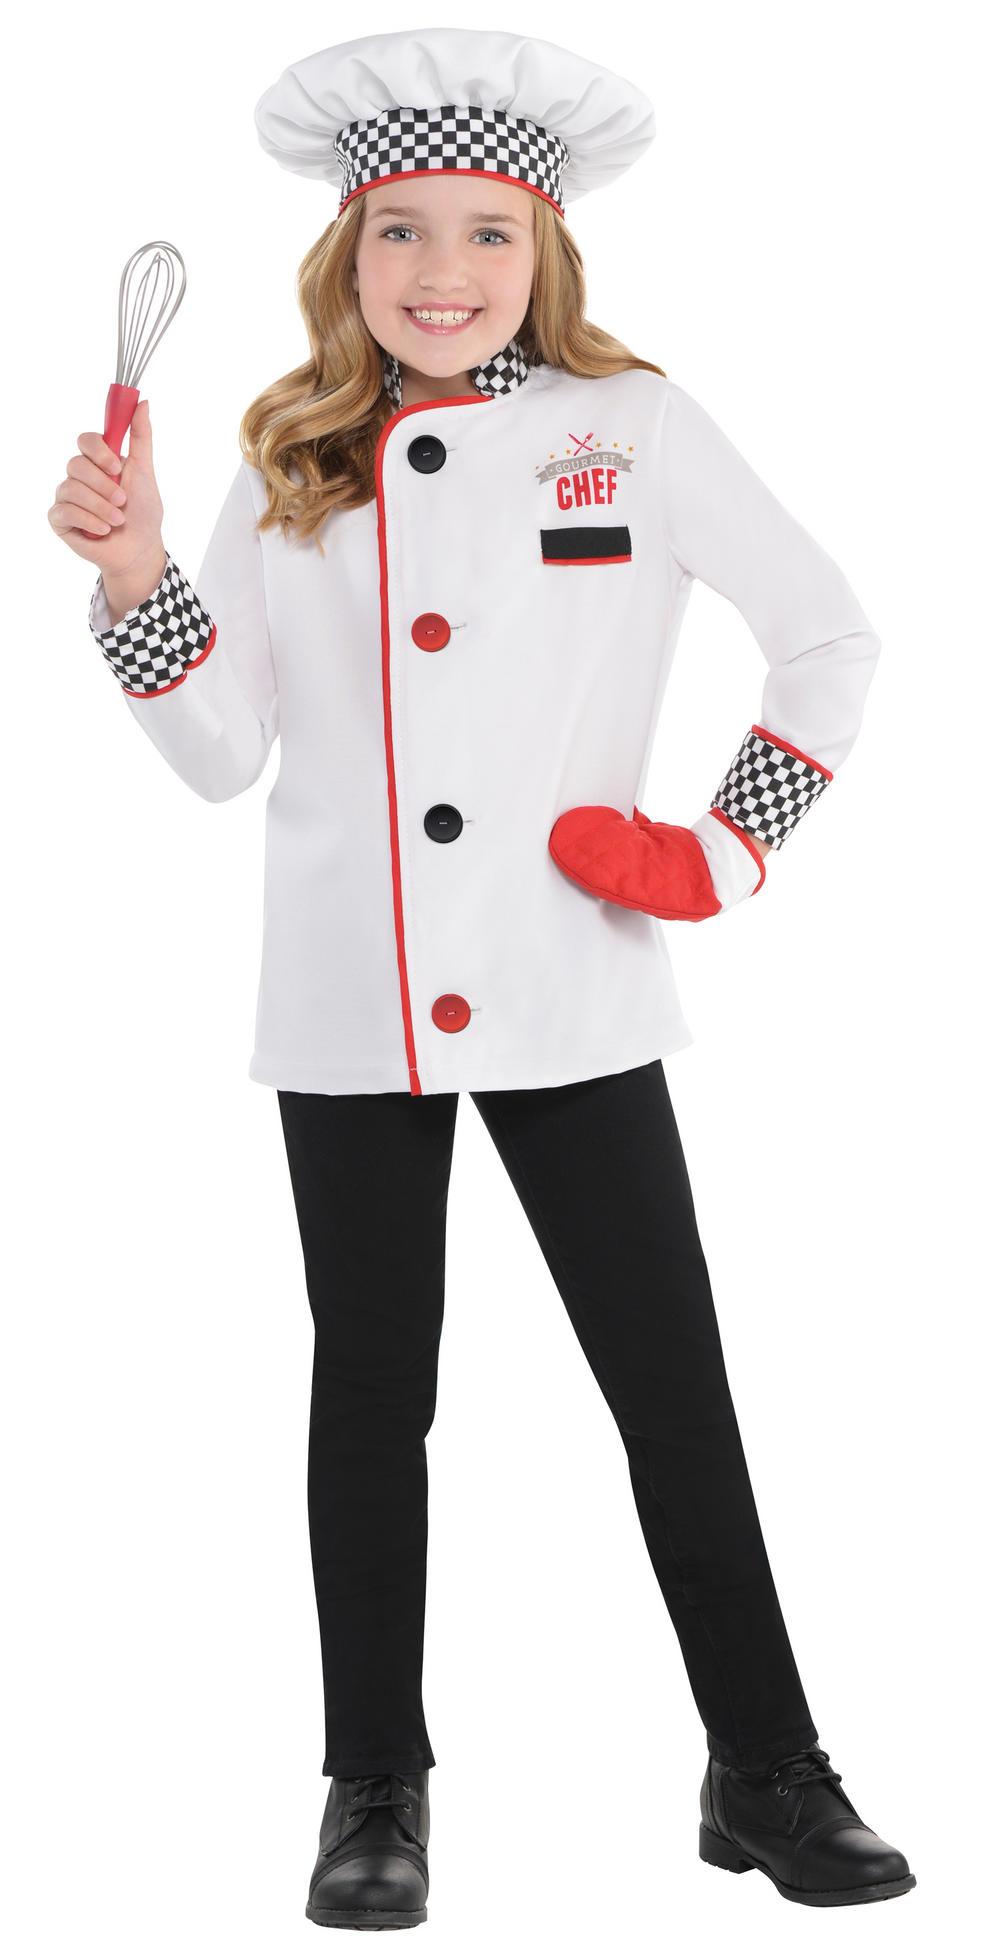 Chef Kids Costume Kit Letter Quot C Quot Costumes Mega Fancy Dress